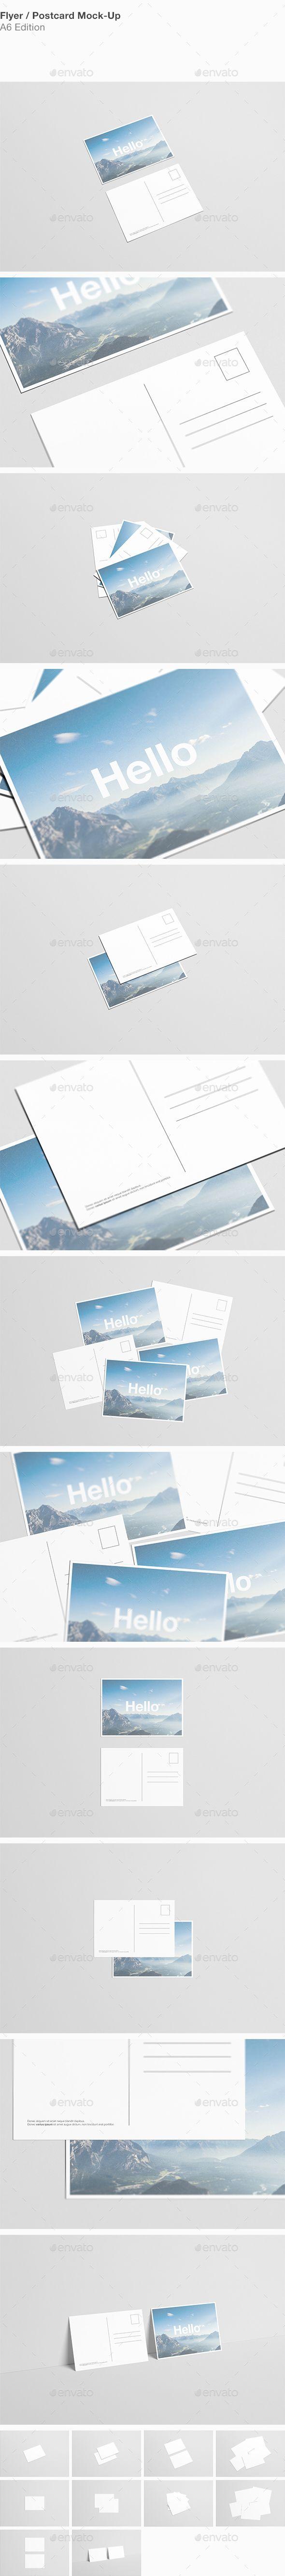 A6 Flyer / Postcard Mock-Up #design Download: http://graphicriver.net/item/a6-flyer-postcard-mockup/13604181?ref=ksioks